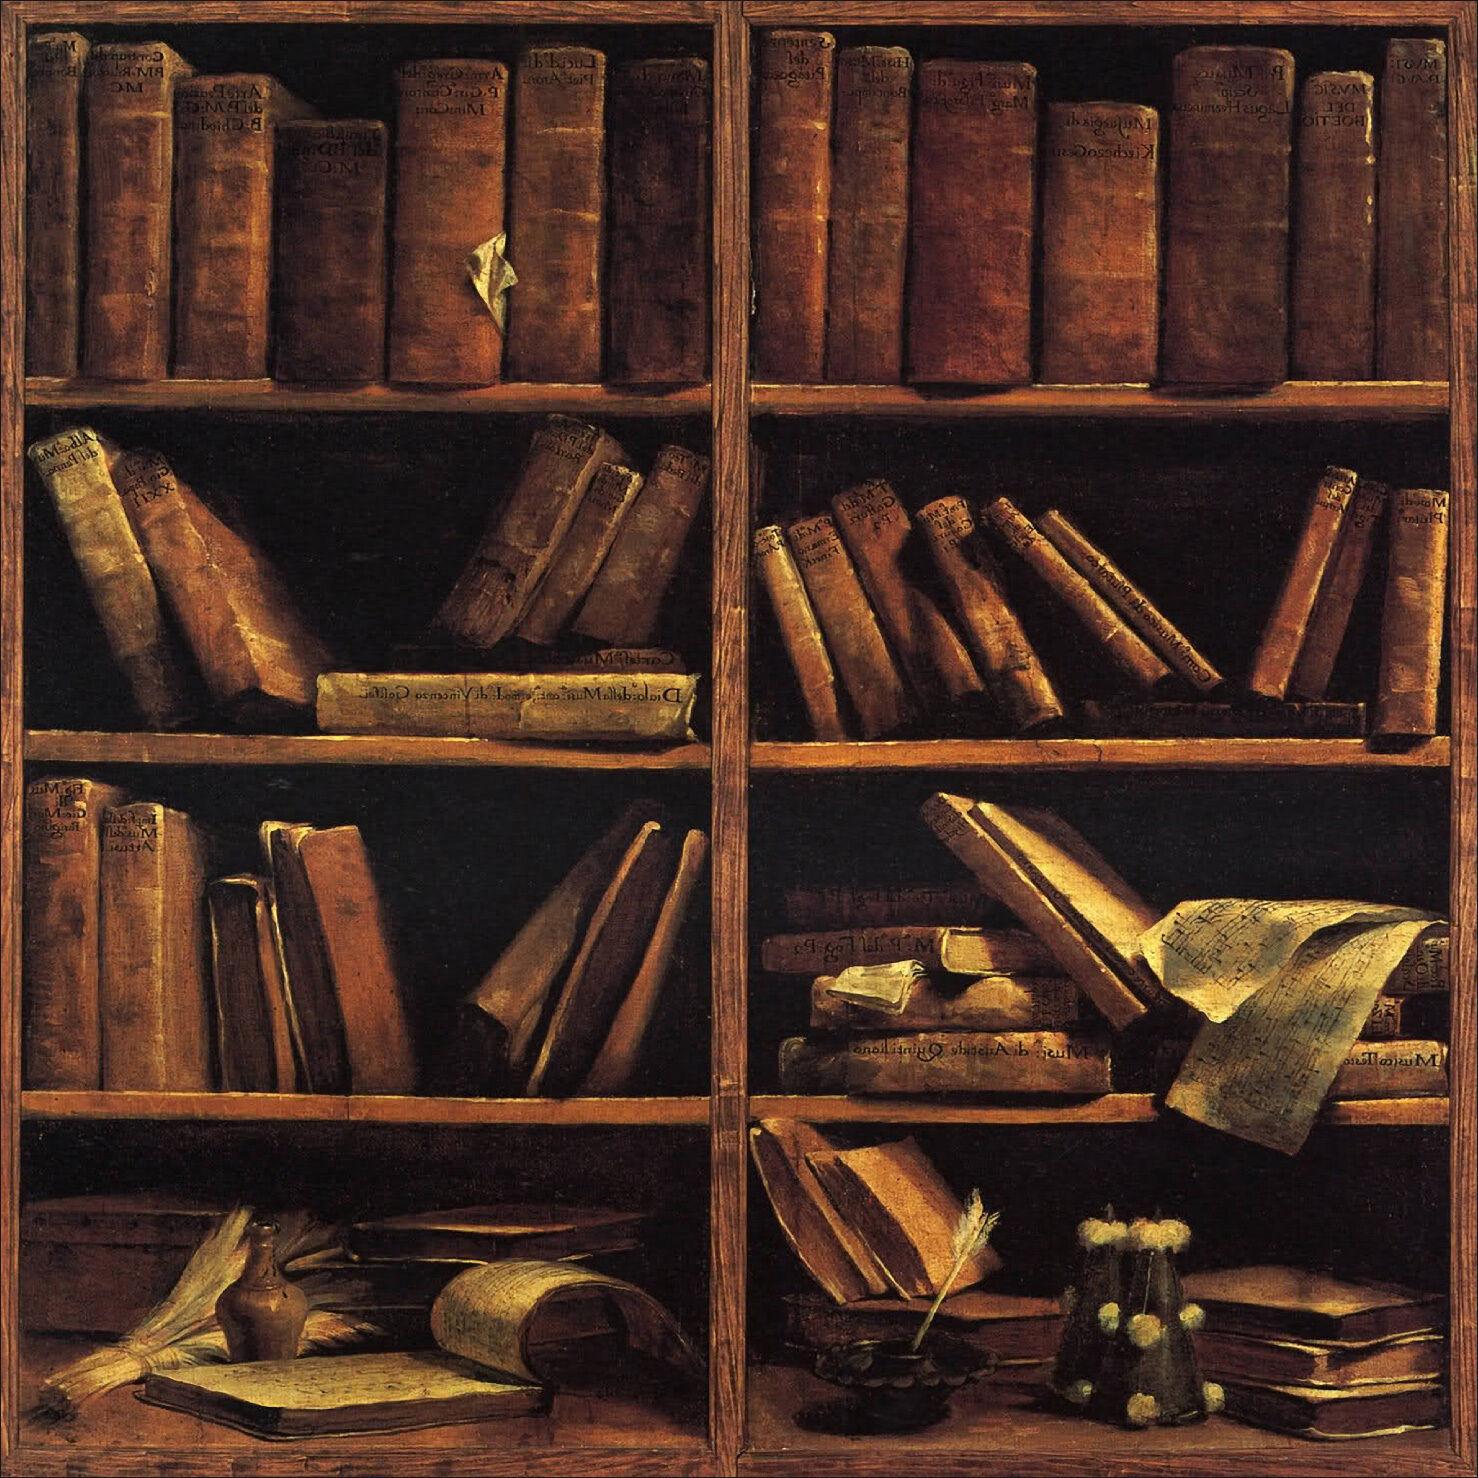 Sticker mural autocollant 1651 déco : Bibliothèque - réf 1651 autocollant (25 diHommes sions) 0f88ff